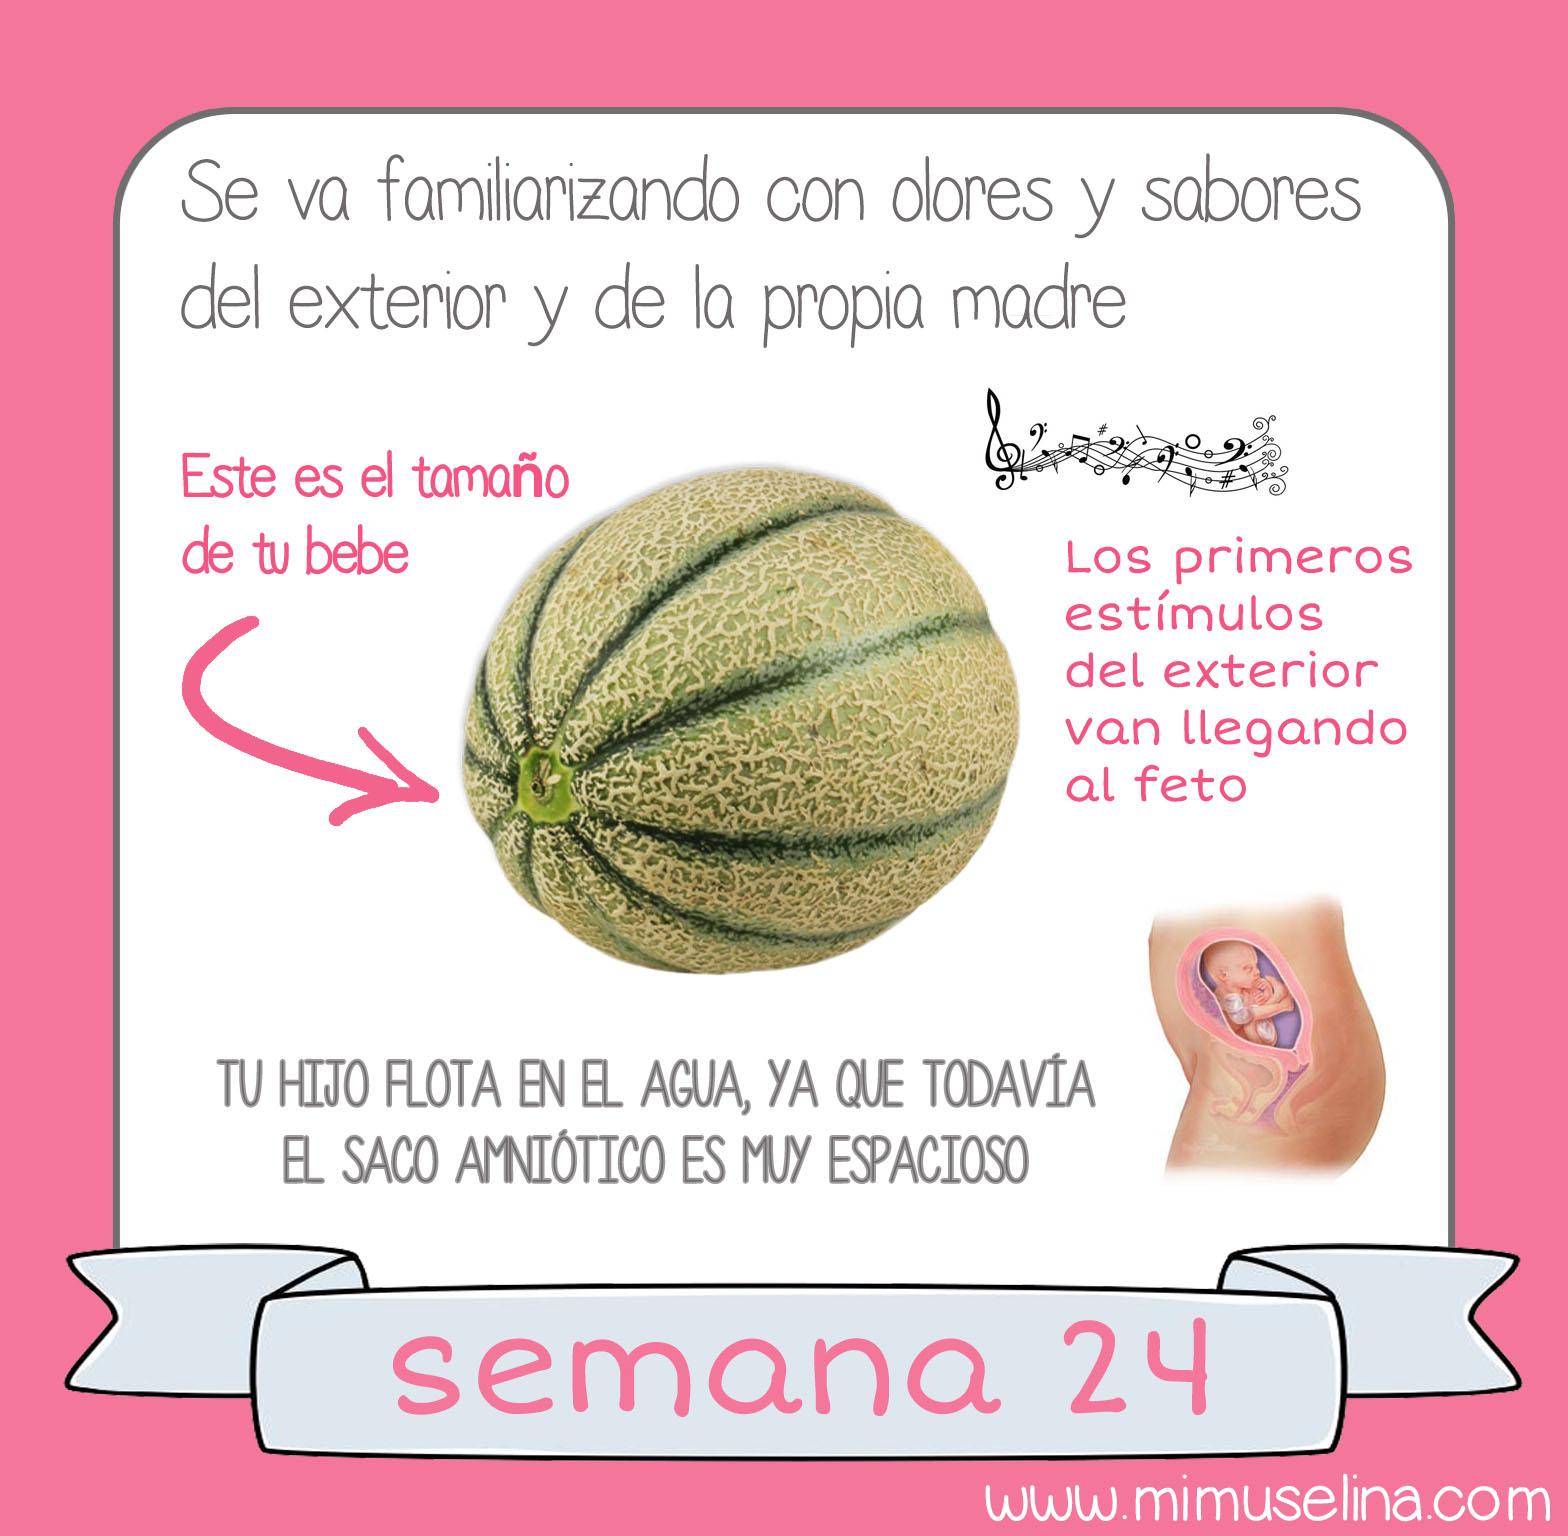 posicion del feto alas 24 semanas